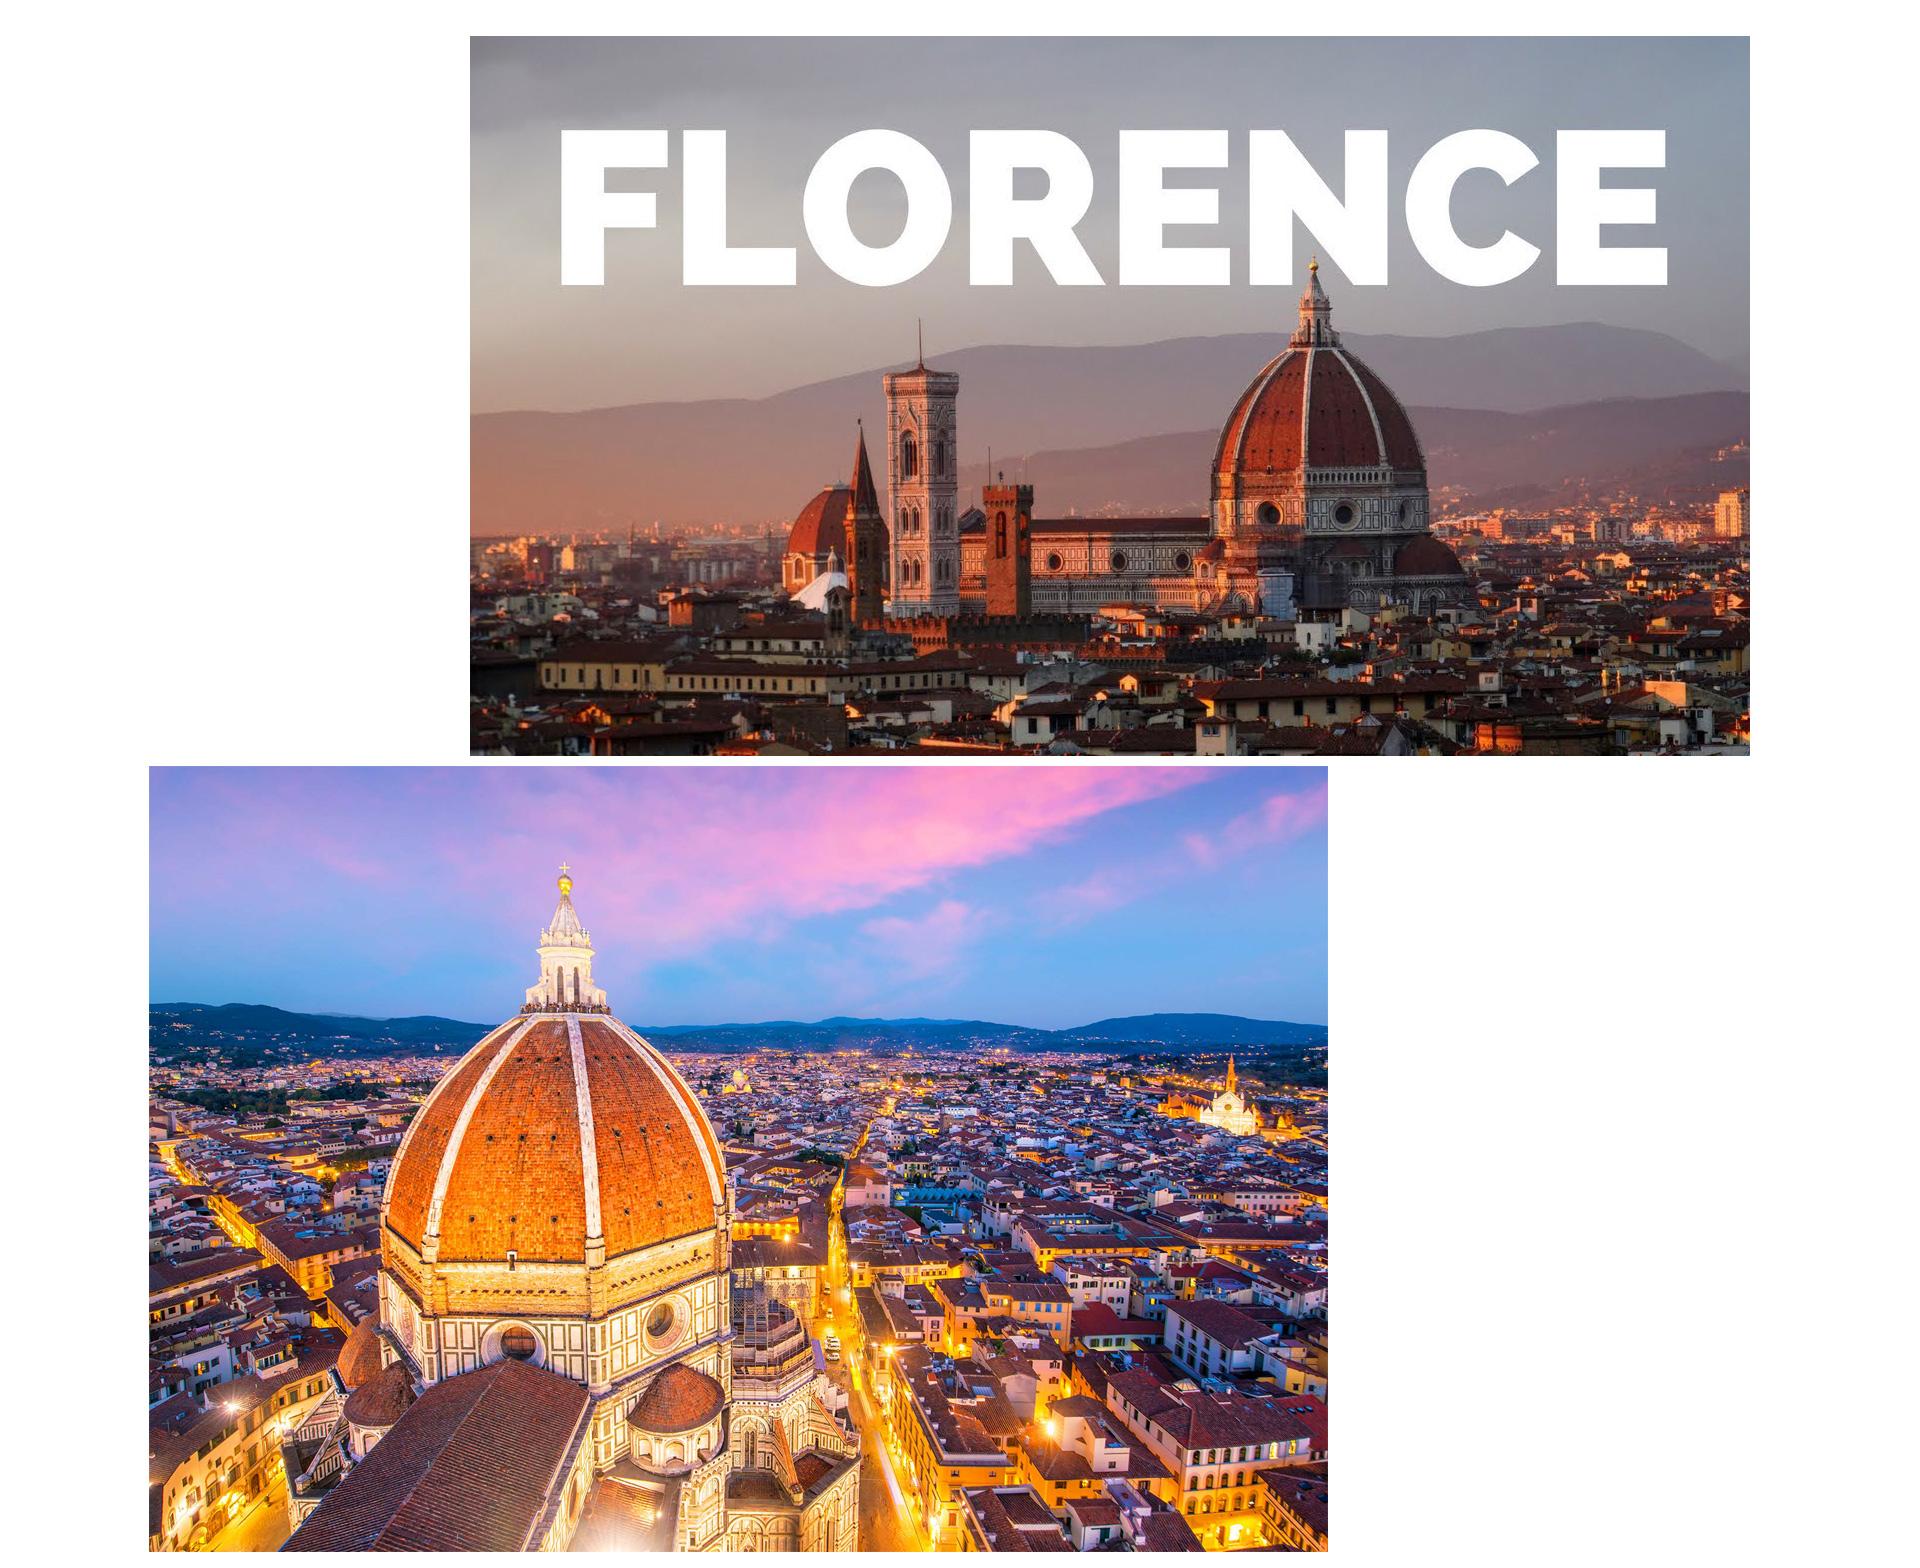 Những điểm đến tuyệt vời nhất nước Ý bạn nên đến 1 lần trong đời - 2